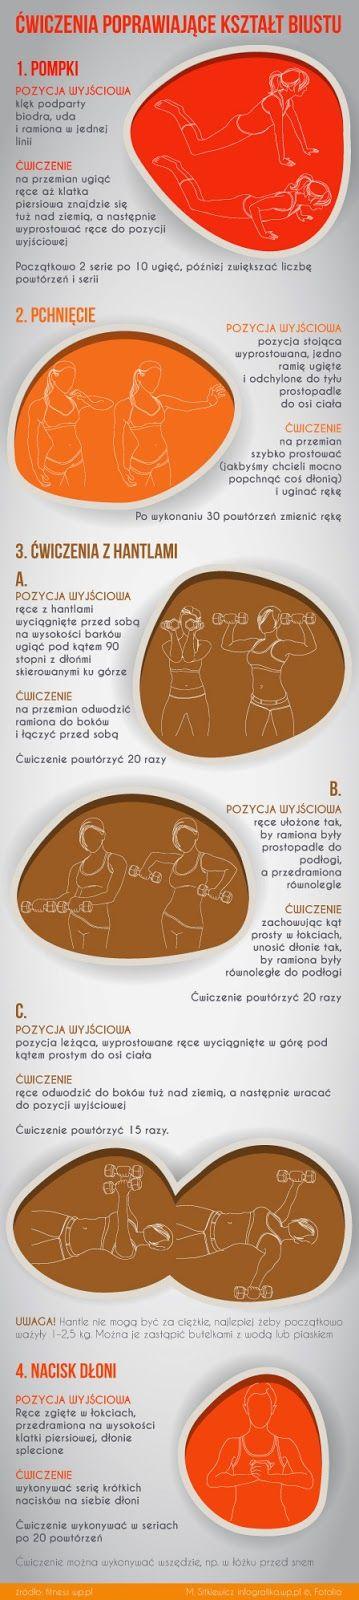 Soul & Body: Ćwiczenia poprawiające wygląd biustu..   Ten post...